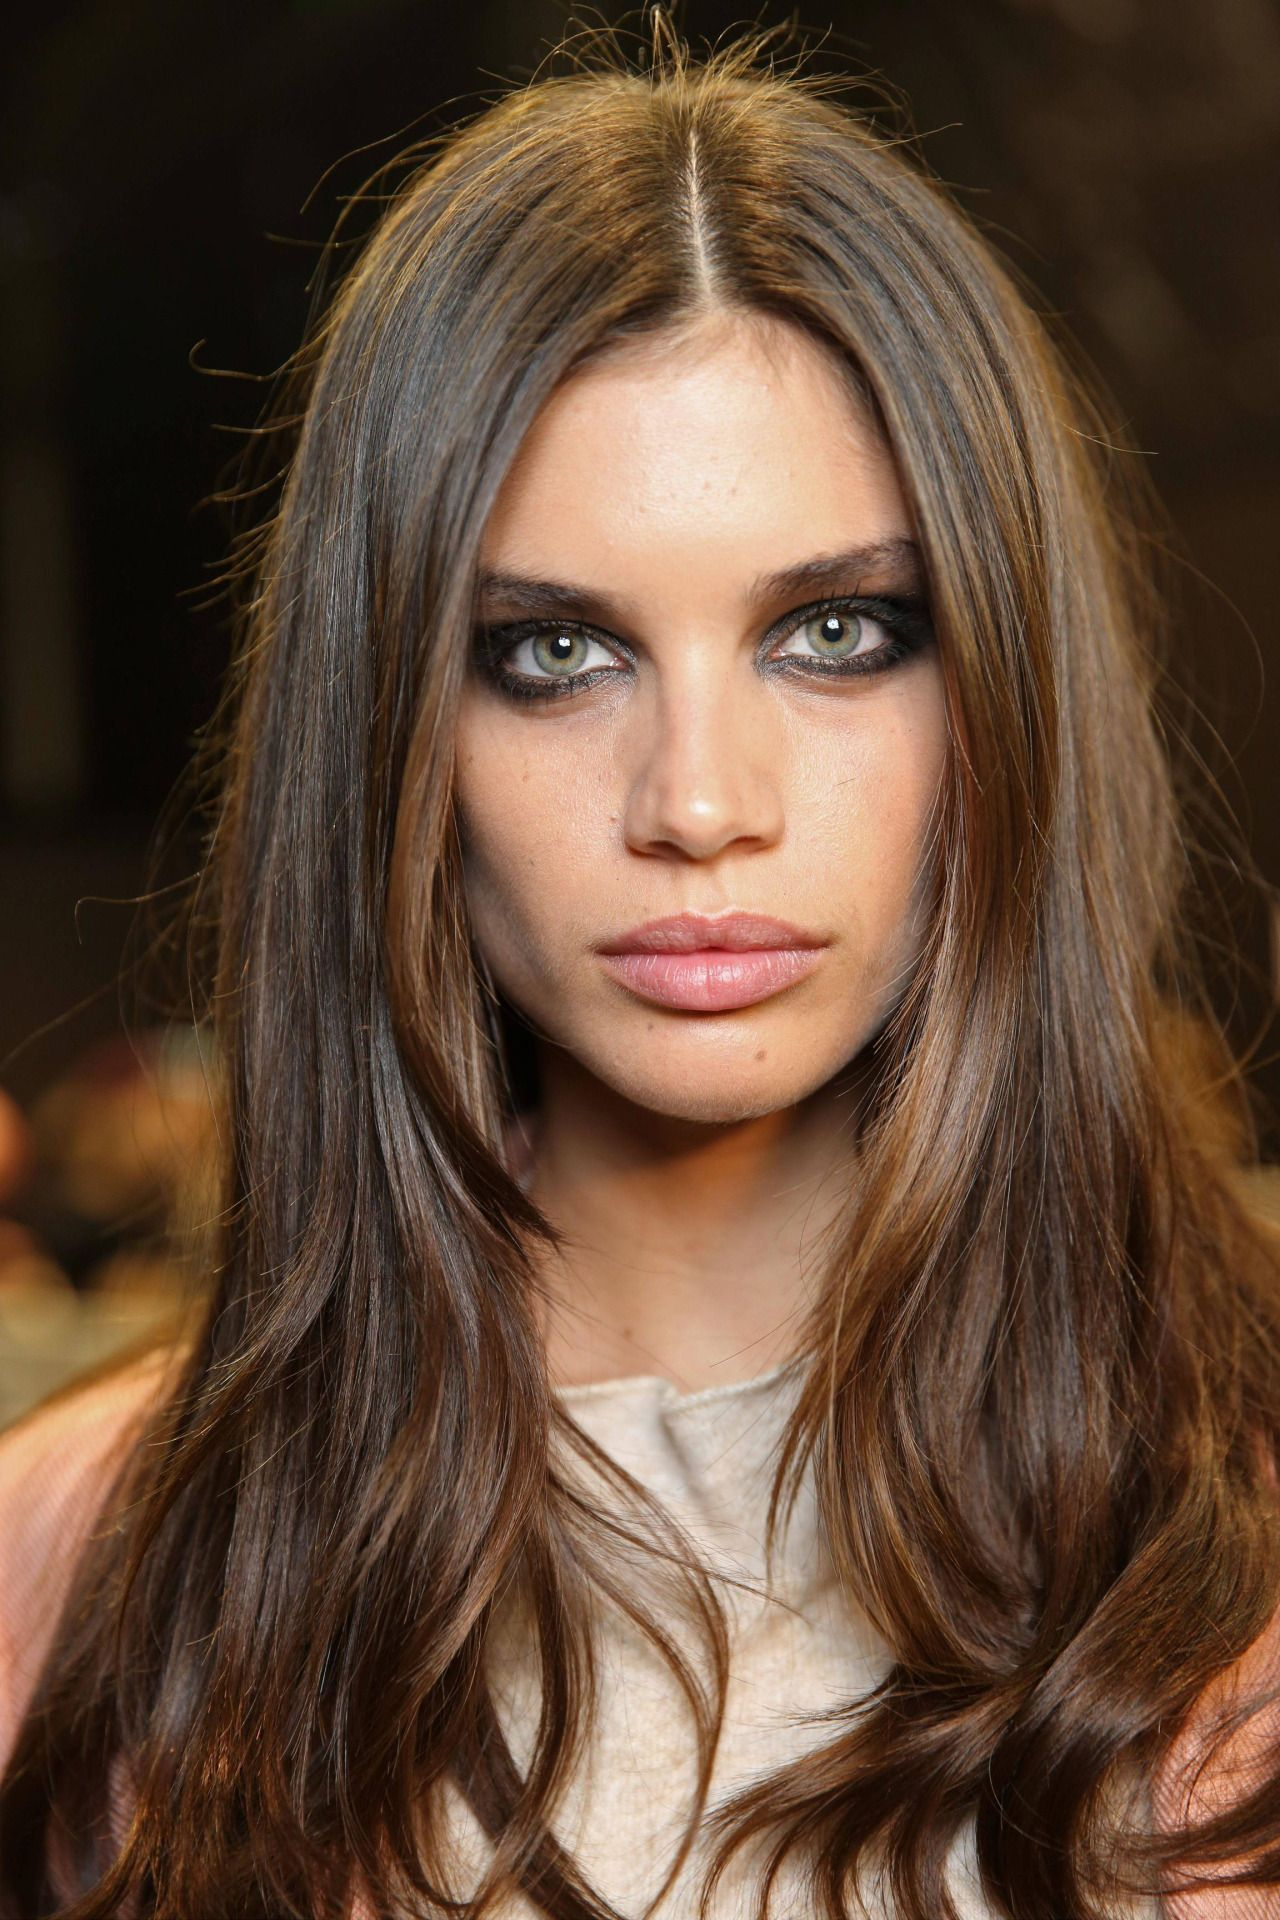 Sara sampaio elie saab show at paris fashion week march